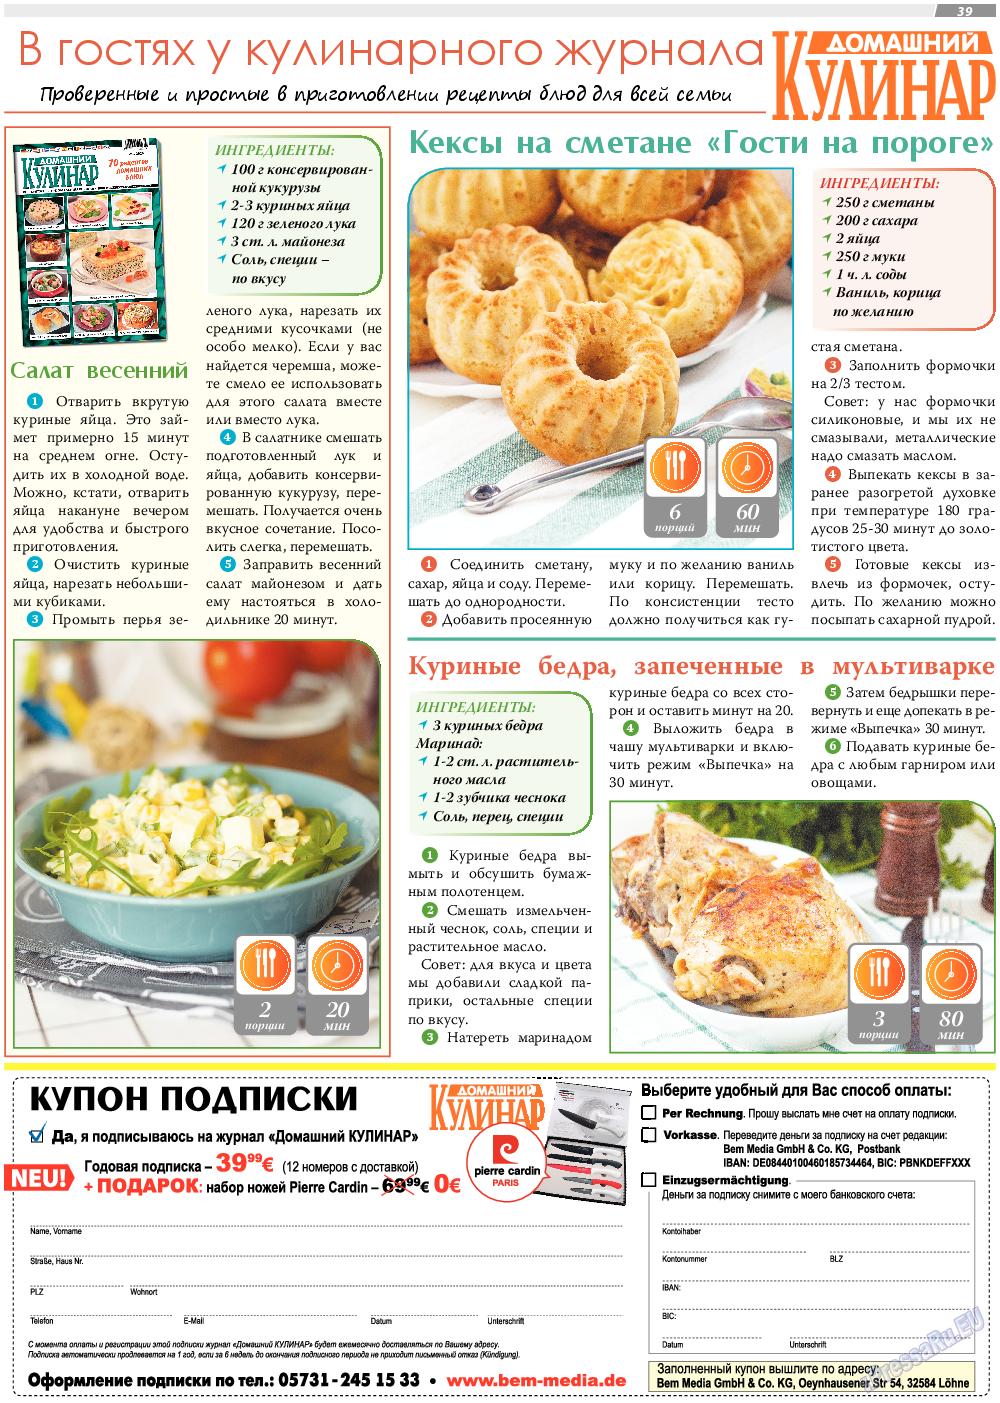 TVrus (газета). 2020 год, номер 18, стр. 39